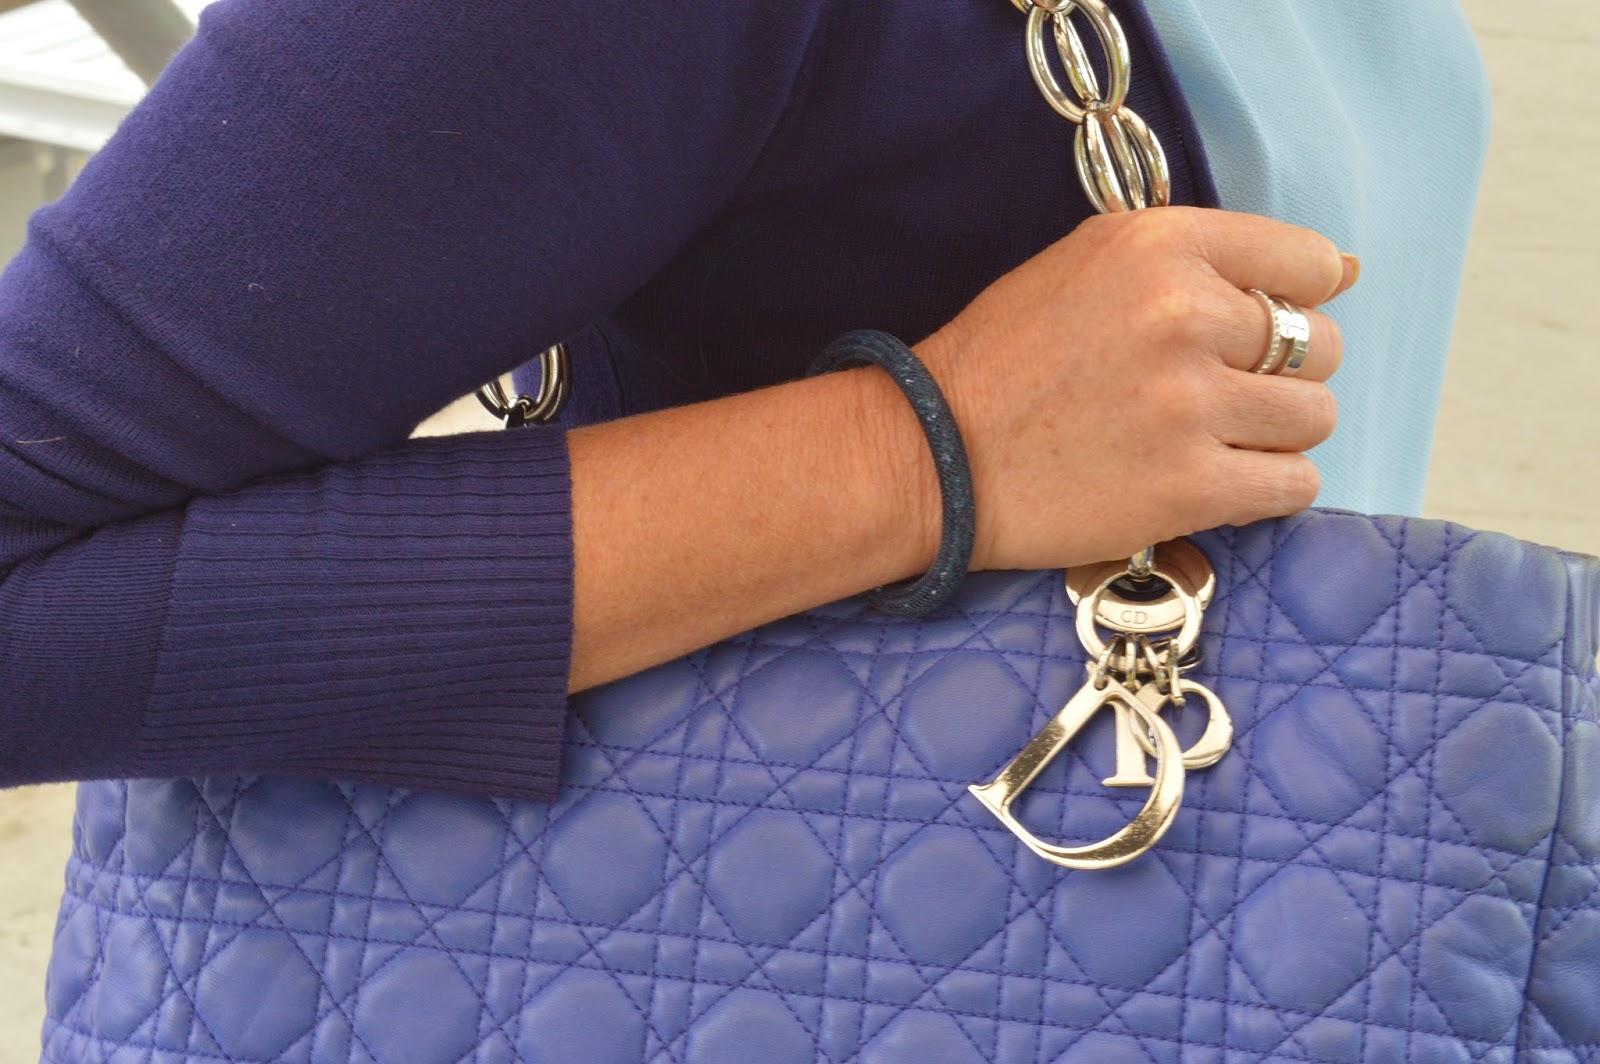 Dior tote, Swarovski bracelet, Mimco ring